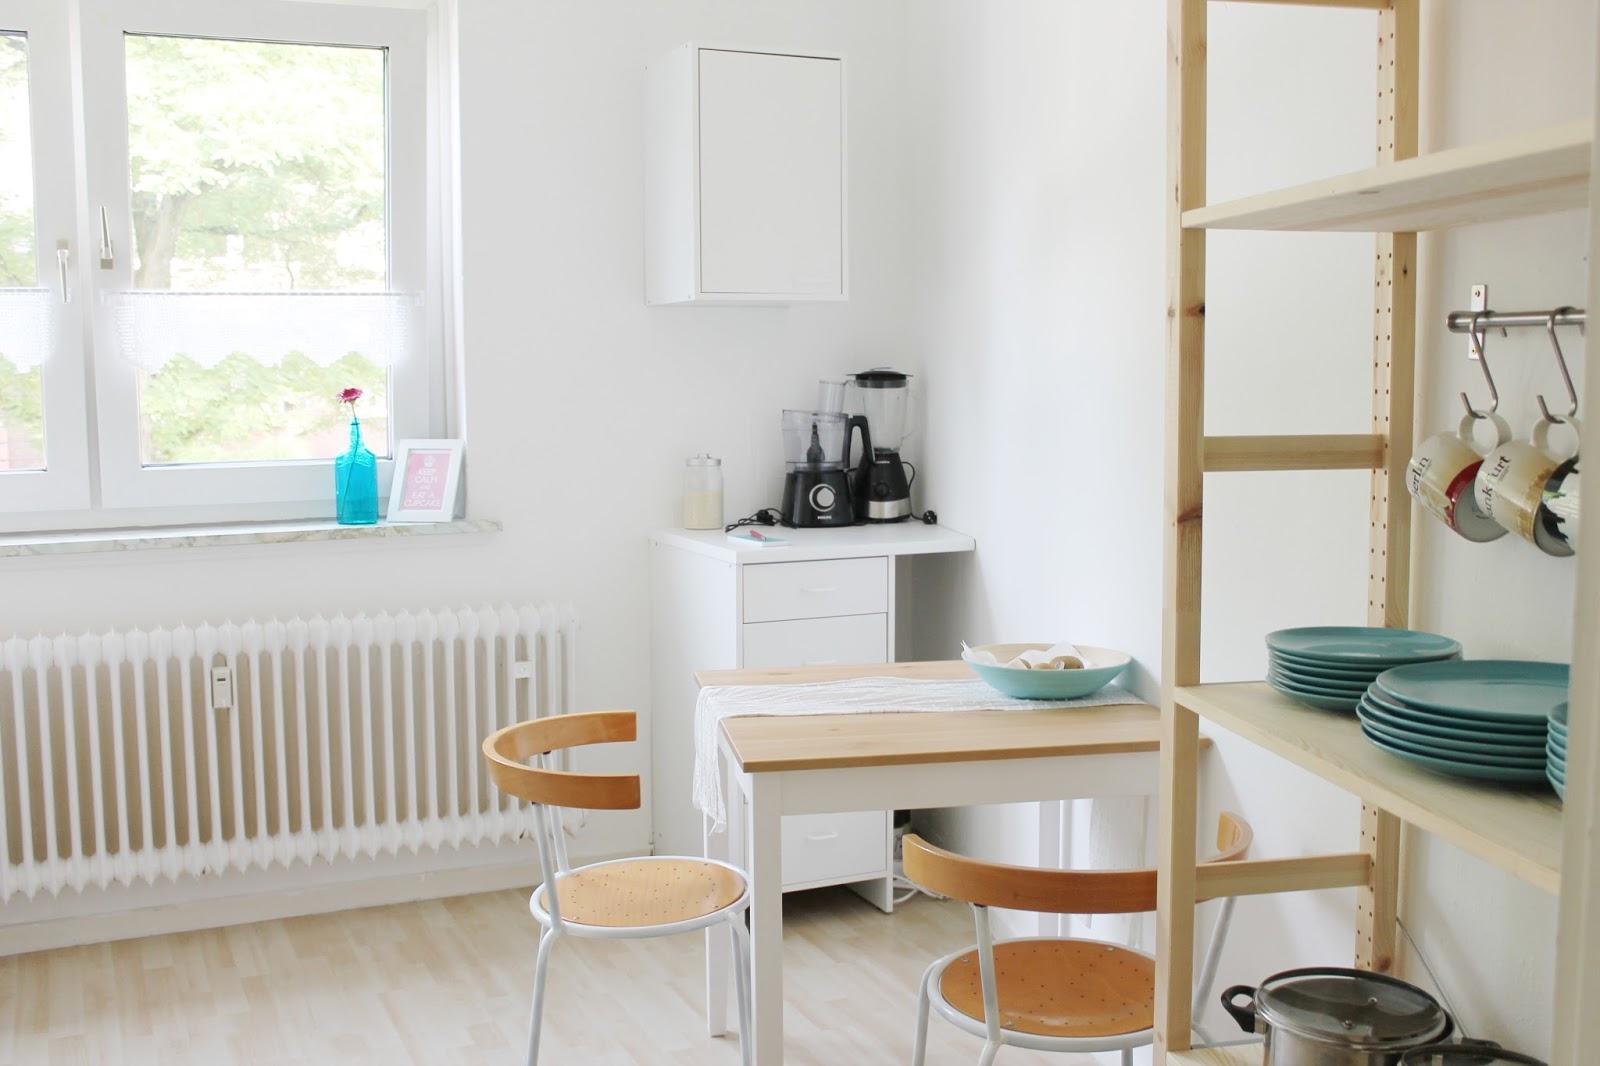 Schichtsalat: Lila's Castle: Eine kleine Tour durch meine Küche